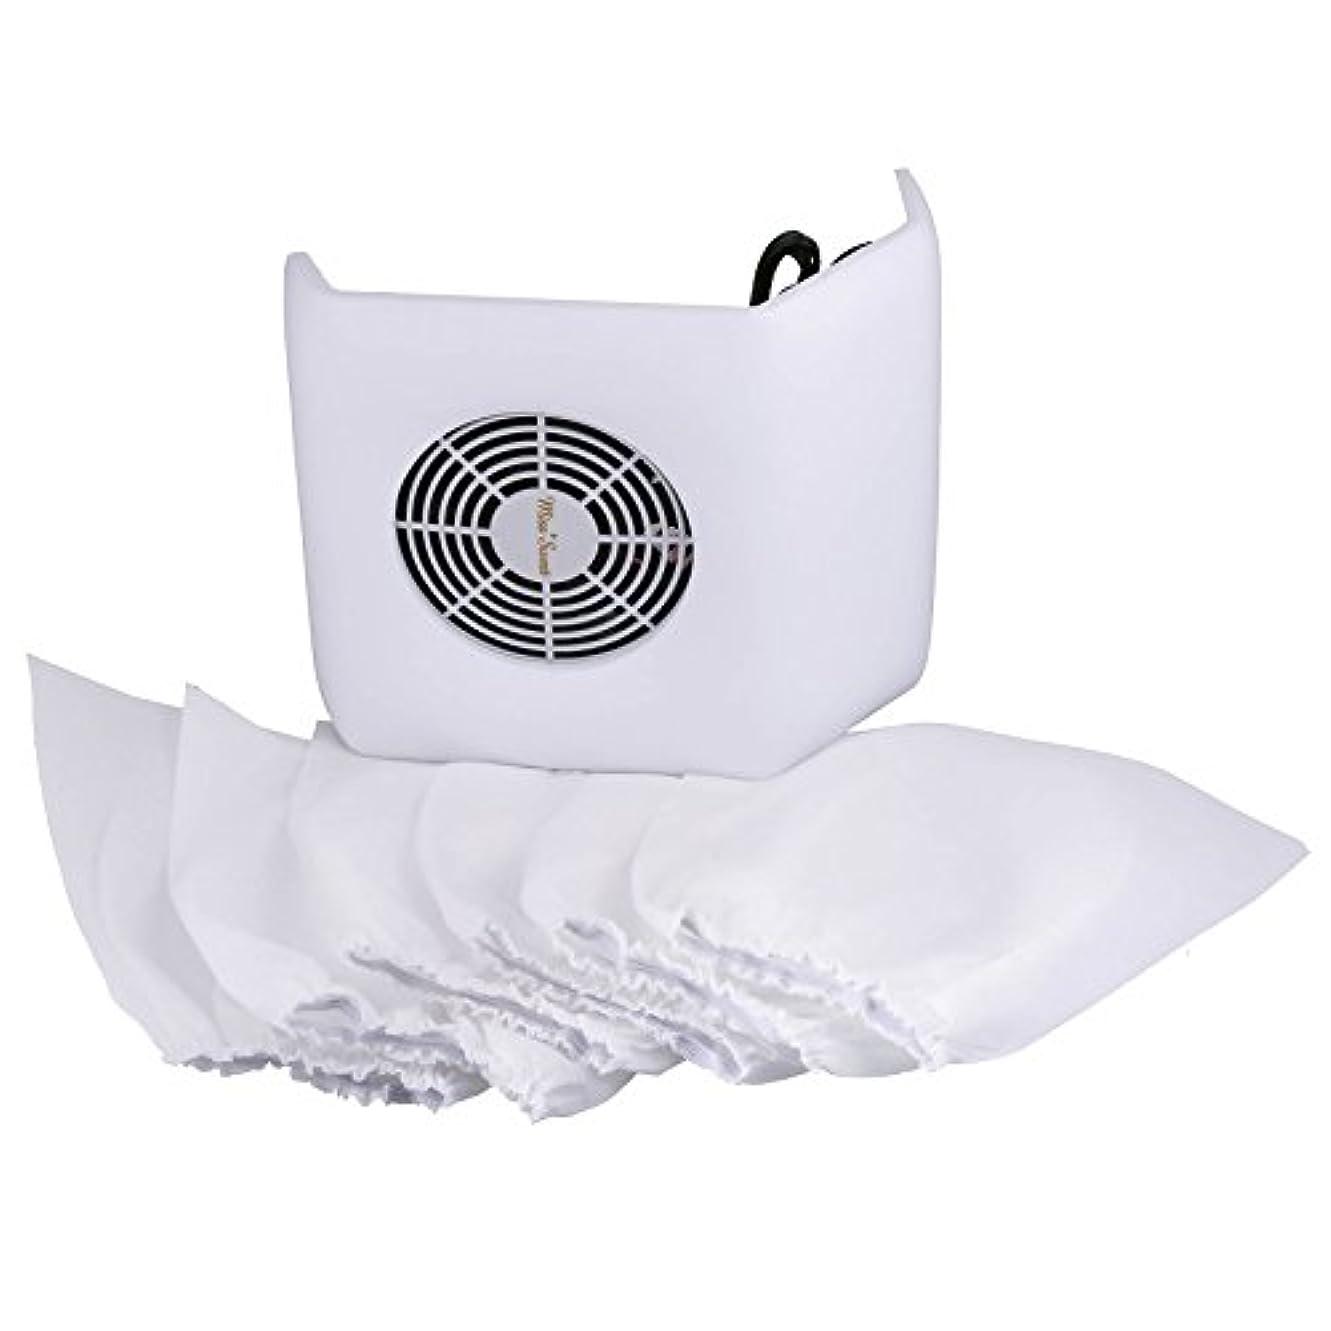 重力創傷フレームワークMiss Sweet 電動ネイルダストコレクター ネイルのほこりを吸って (White)